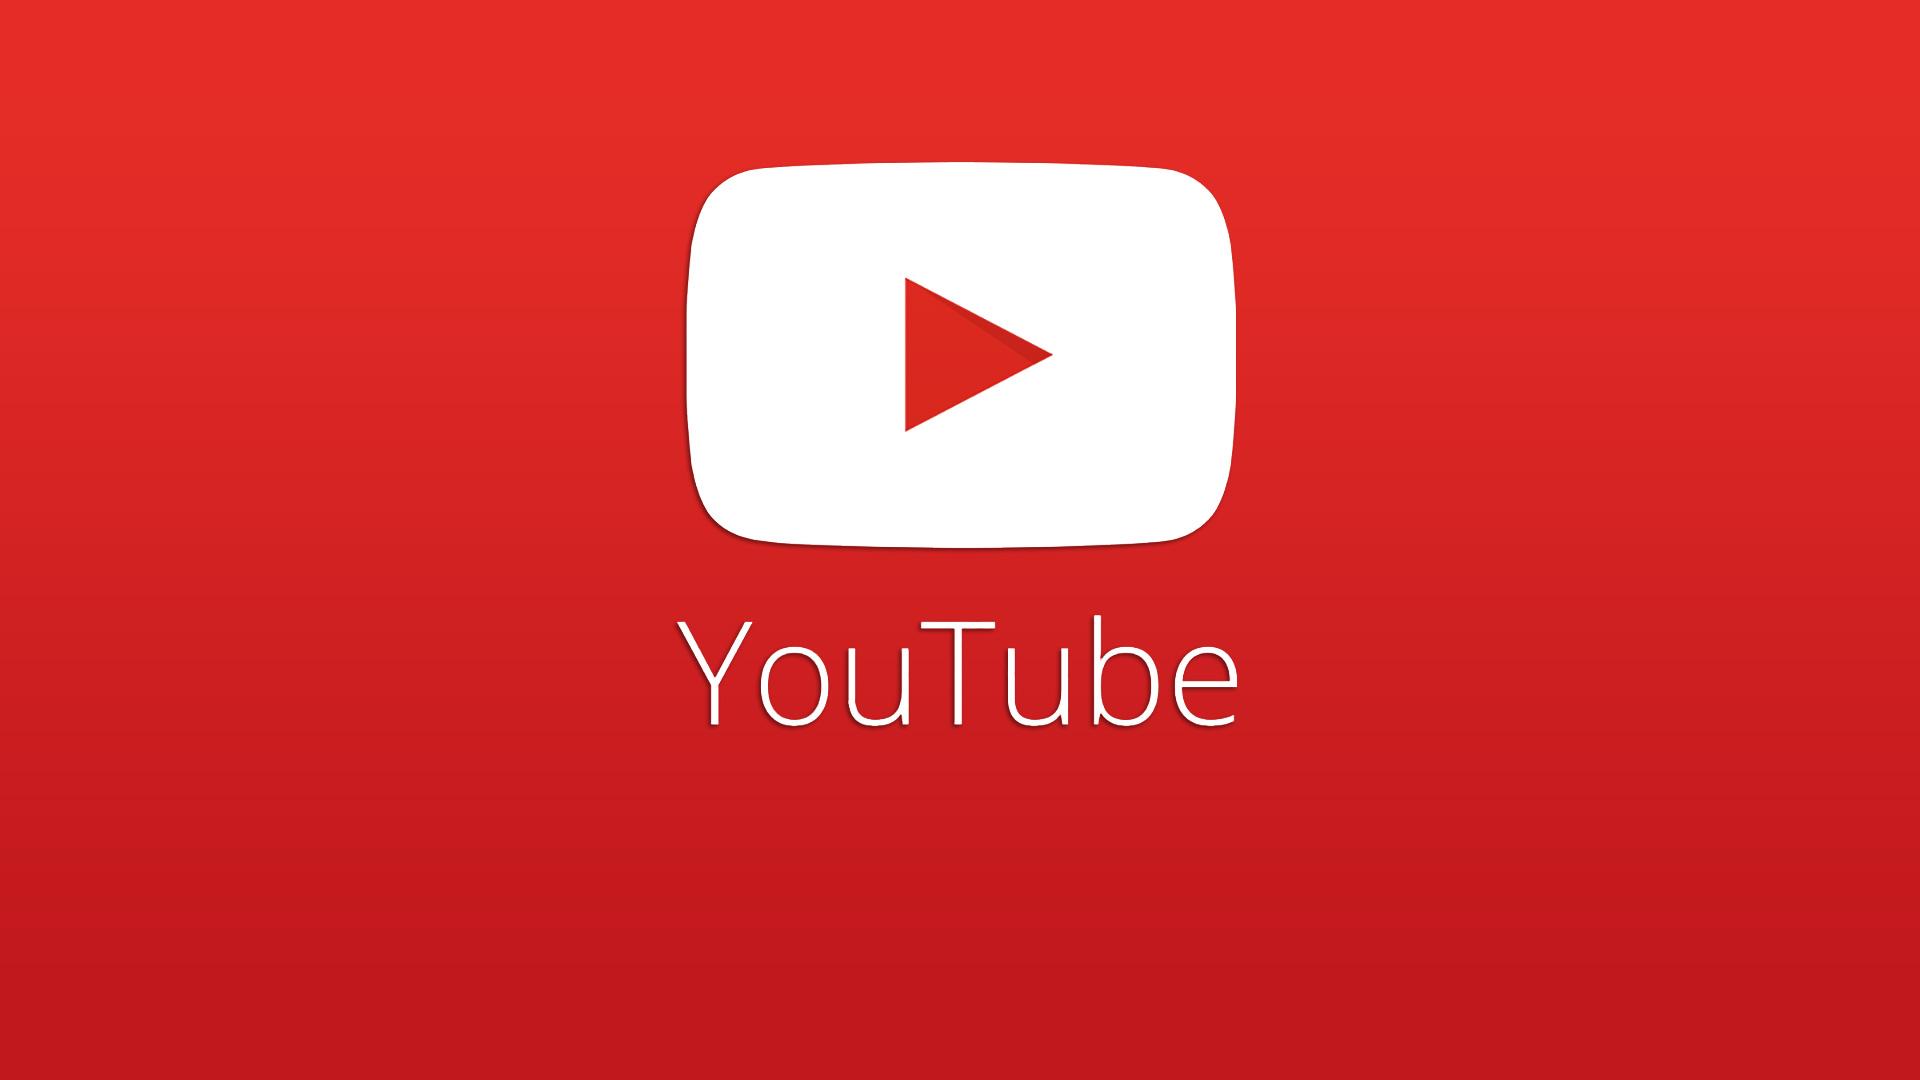 Sexy videos you tube com